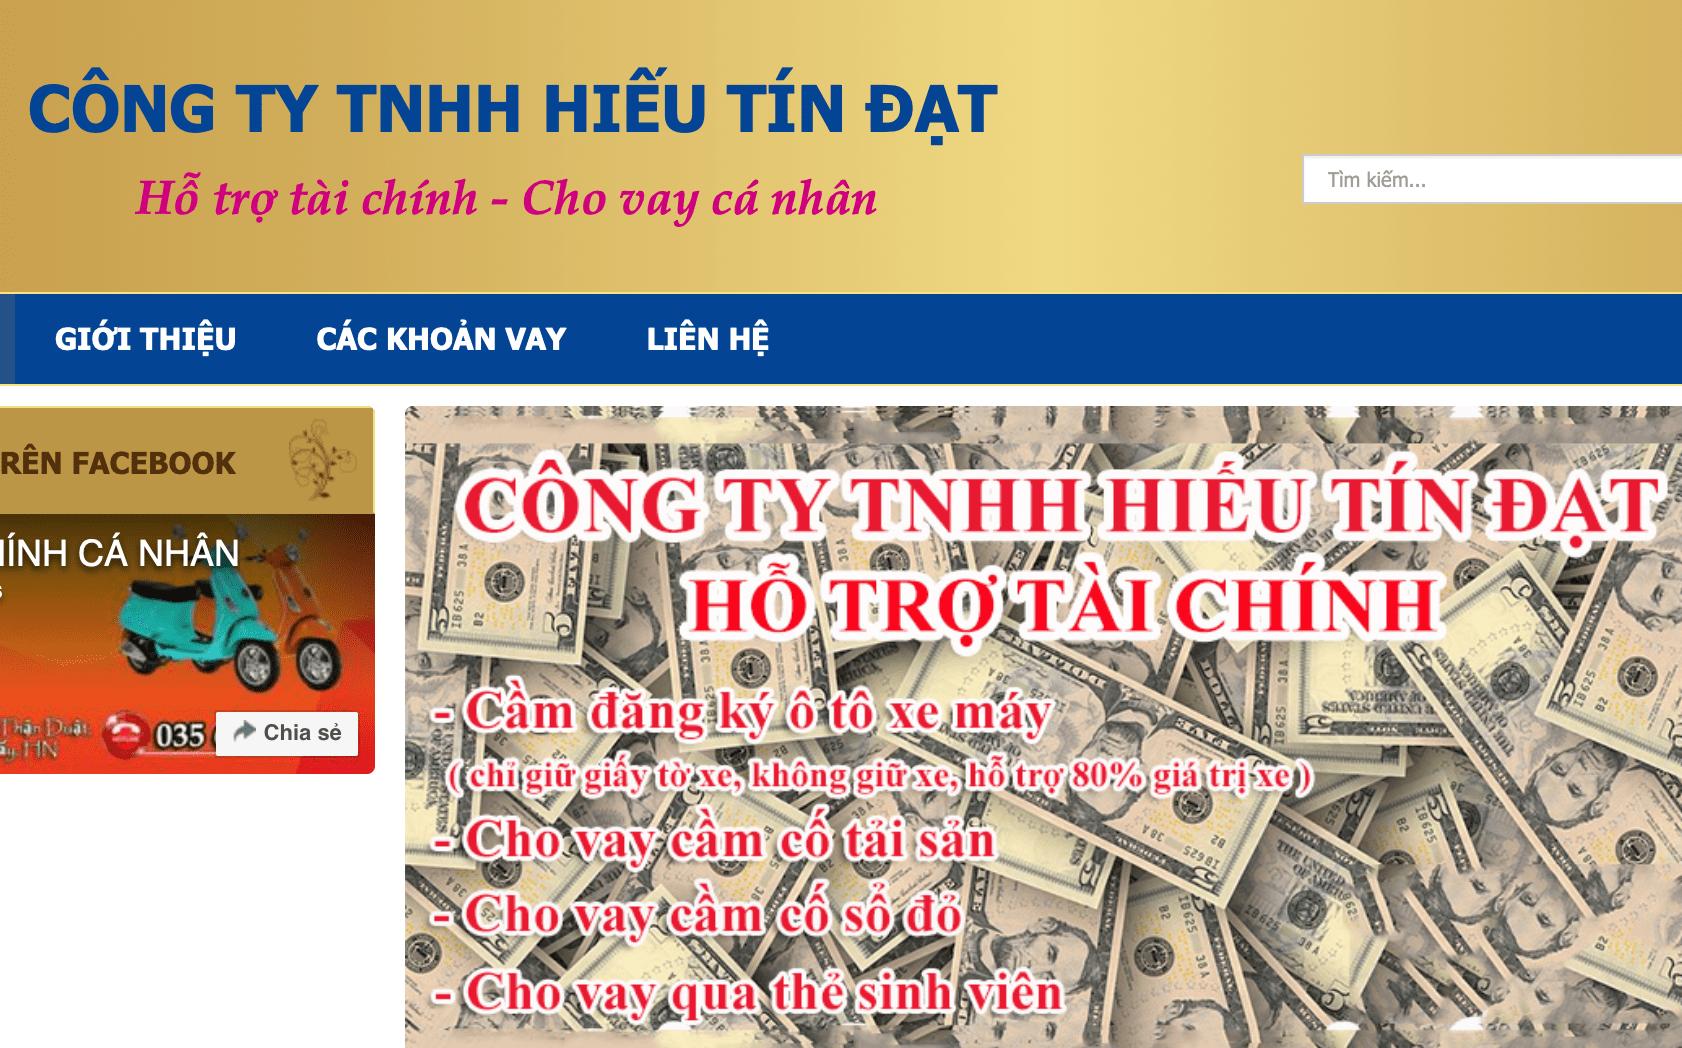 Hiếu Tín Đạt - Hà Nội